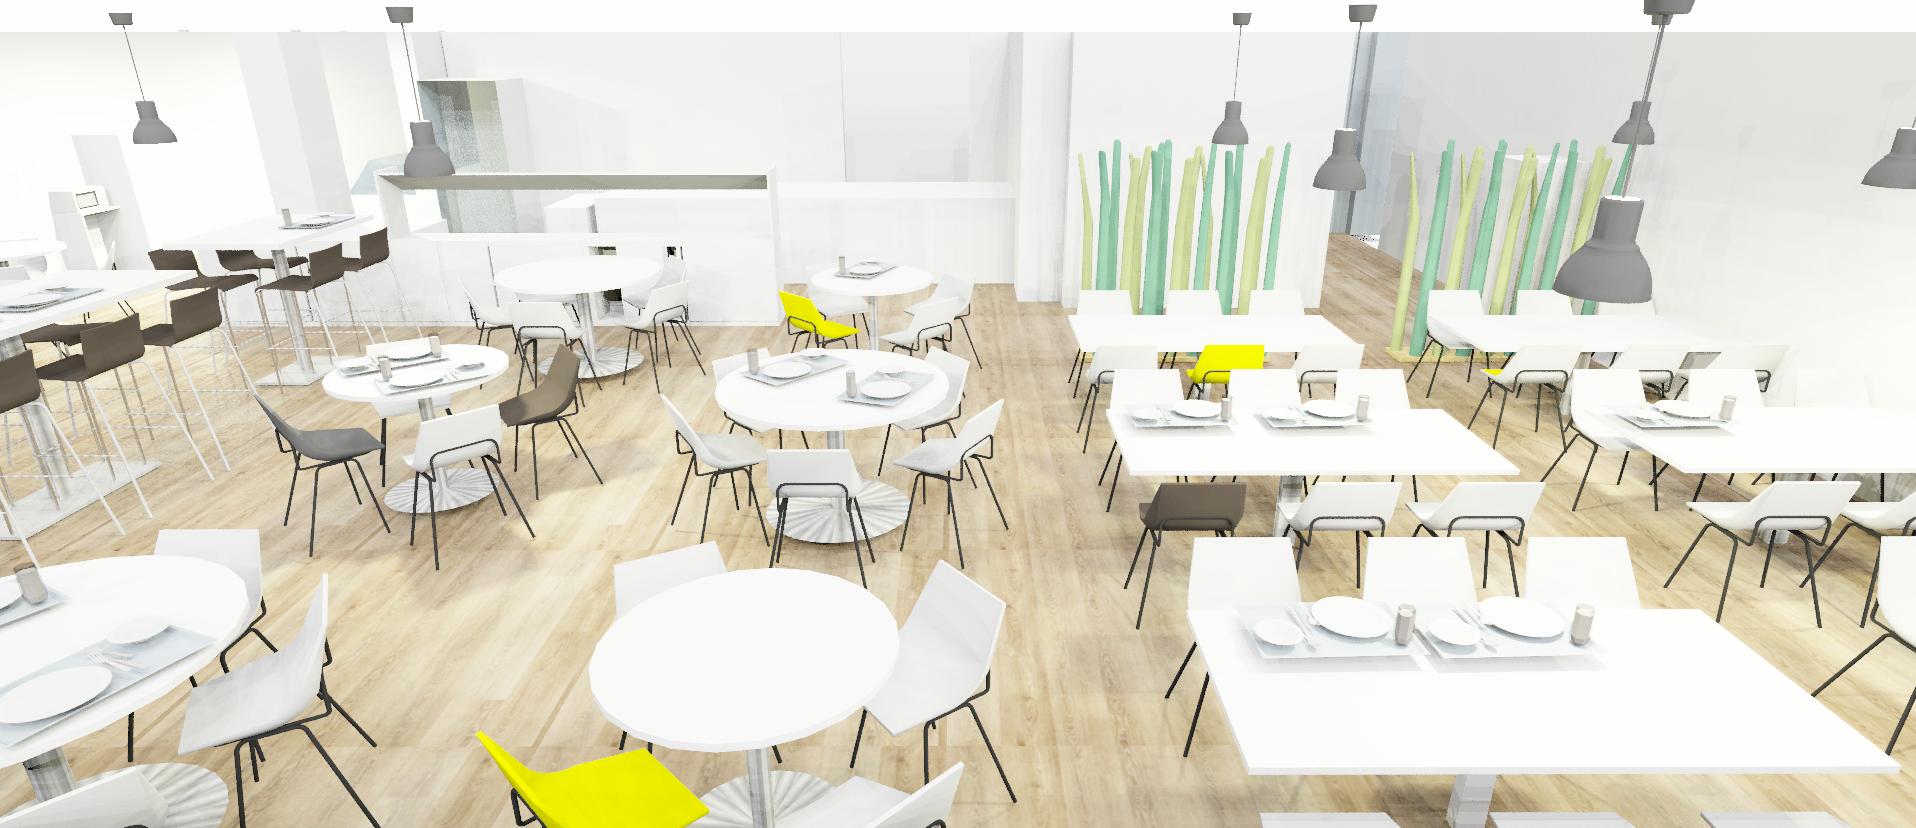 Plan 3D Restaurant